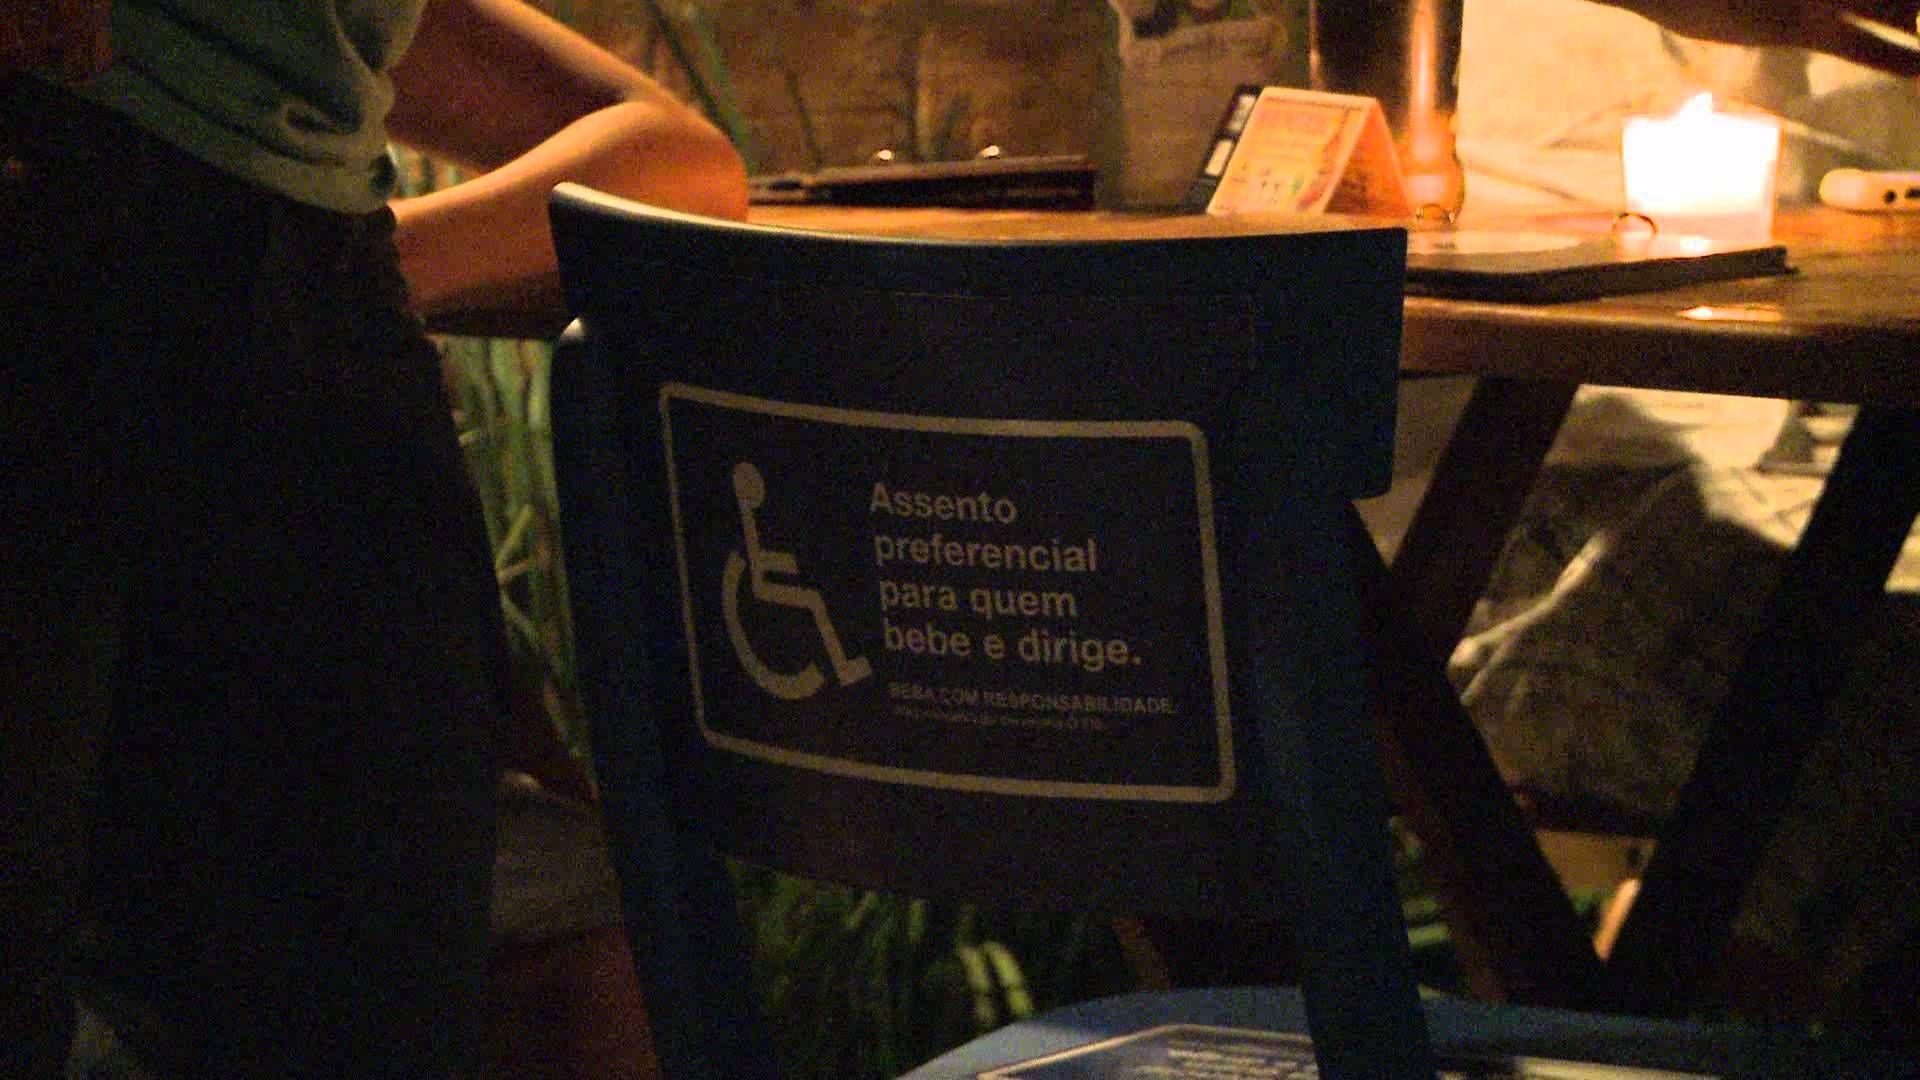 Cervejaria Ô Fiô - Cadeira de bar preferencial, via YouTube.